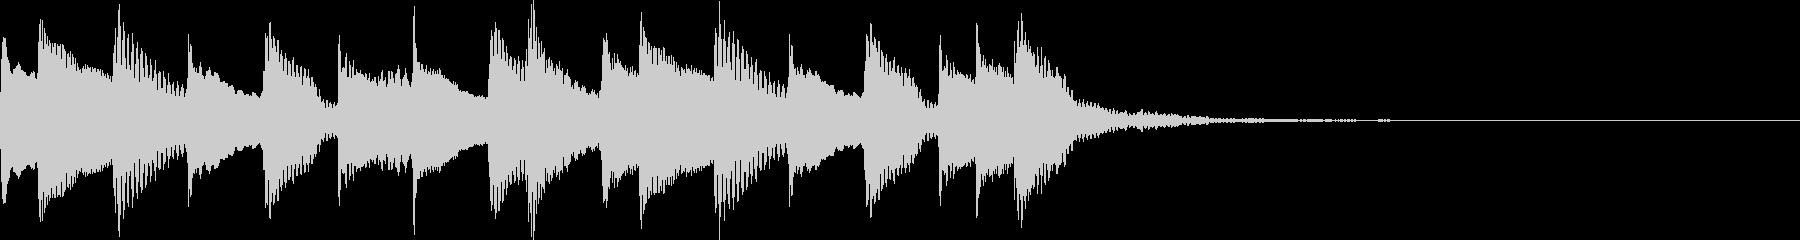 オープニング用サウンドロゴ108の未再生の波形